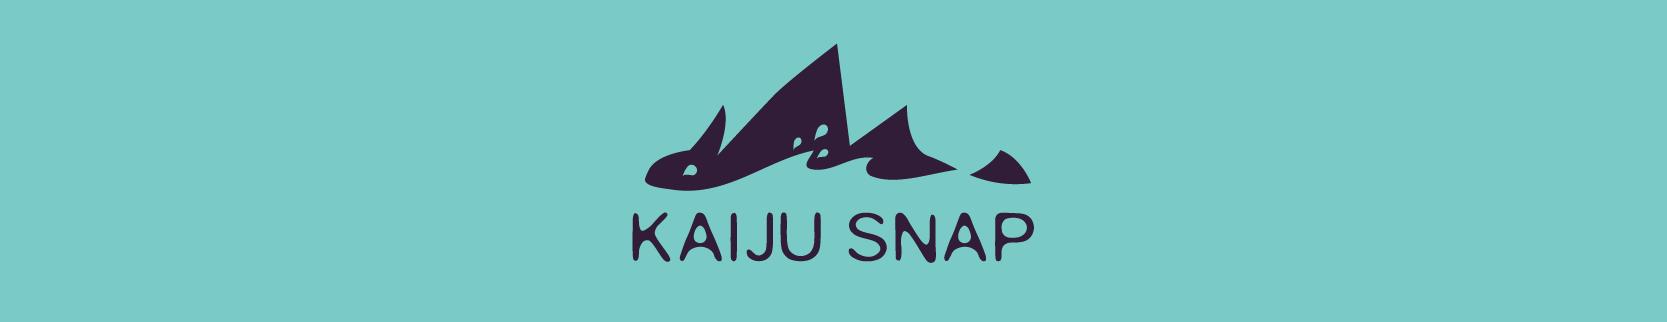 Kaiju Snap